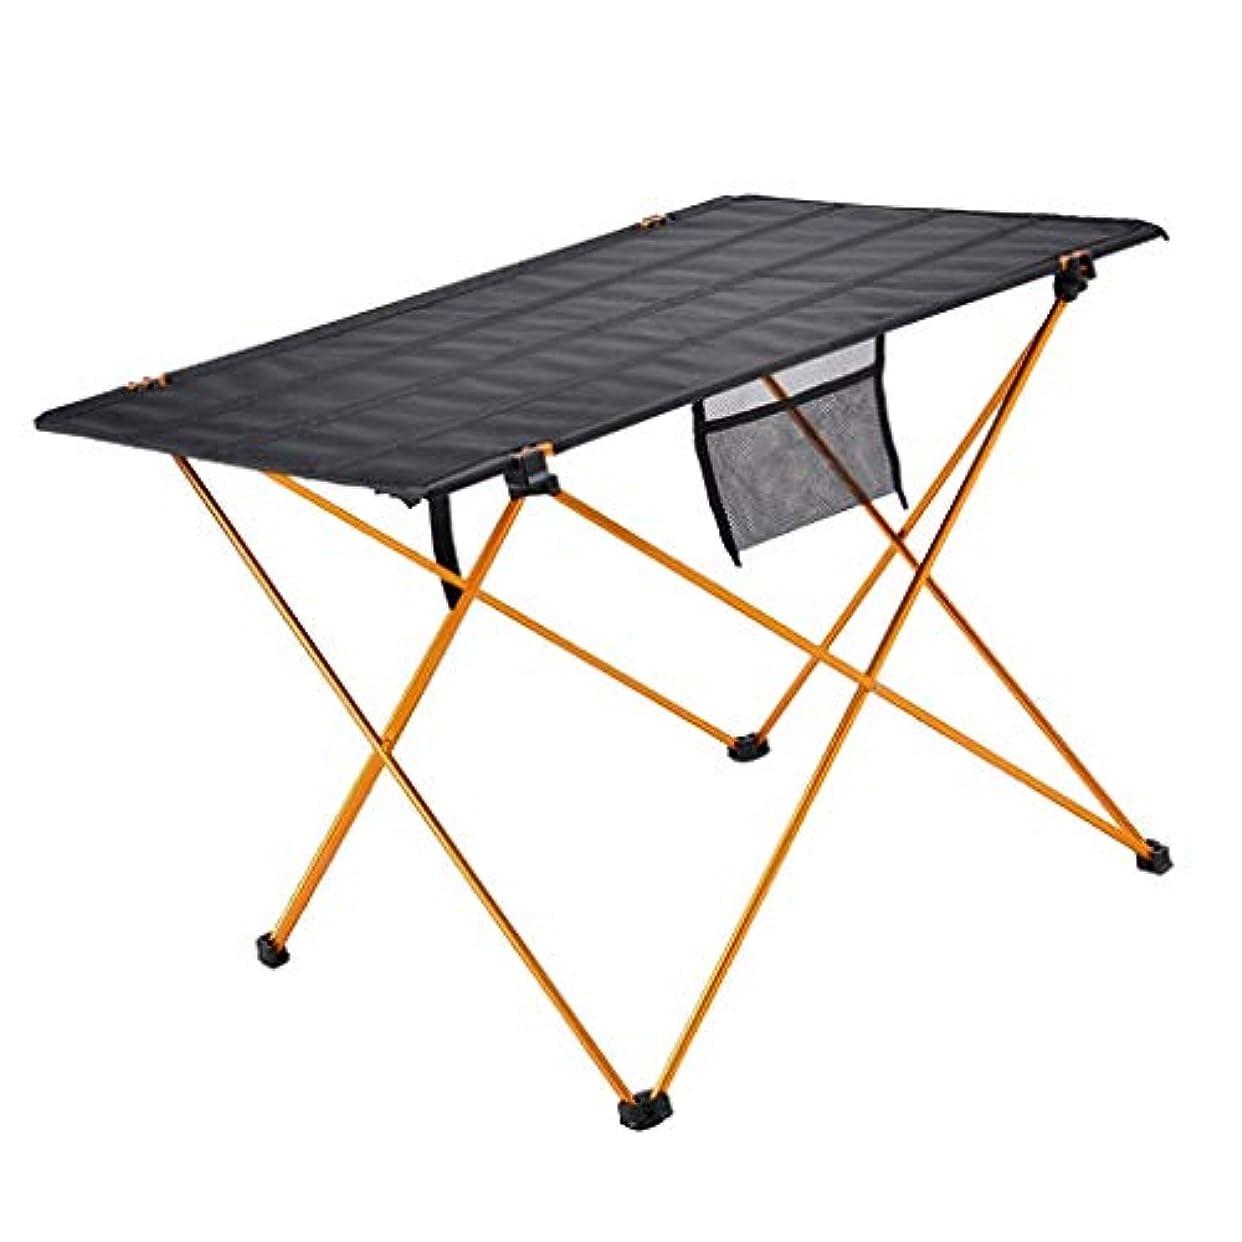 起きて検閲クルーP Prettyia 屋外 折りたたみ式 テーブル  BBQ キャンプ ピクニック ロールテーブル 収納バッグ付き 軽量 コンパクト